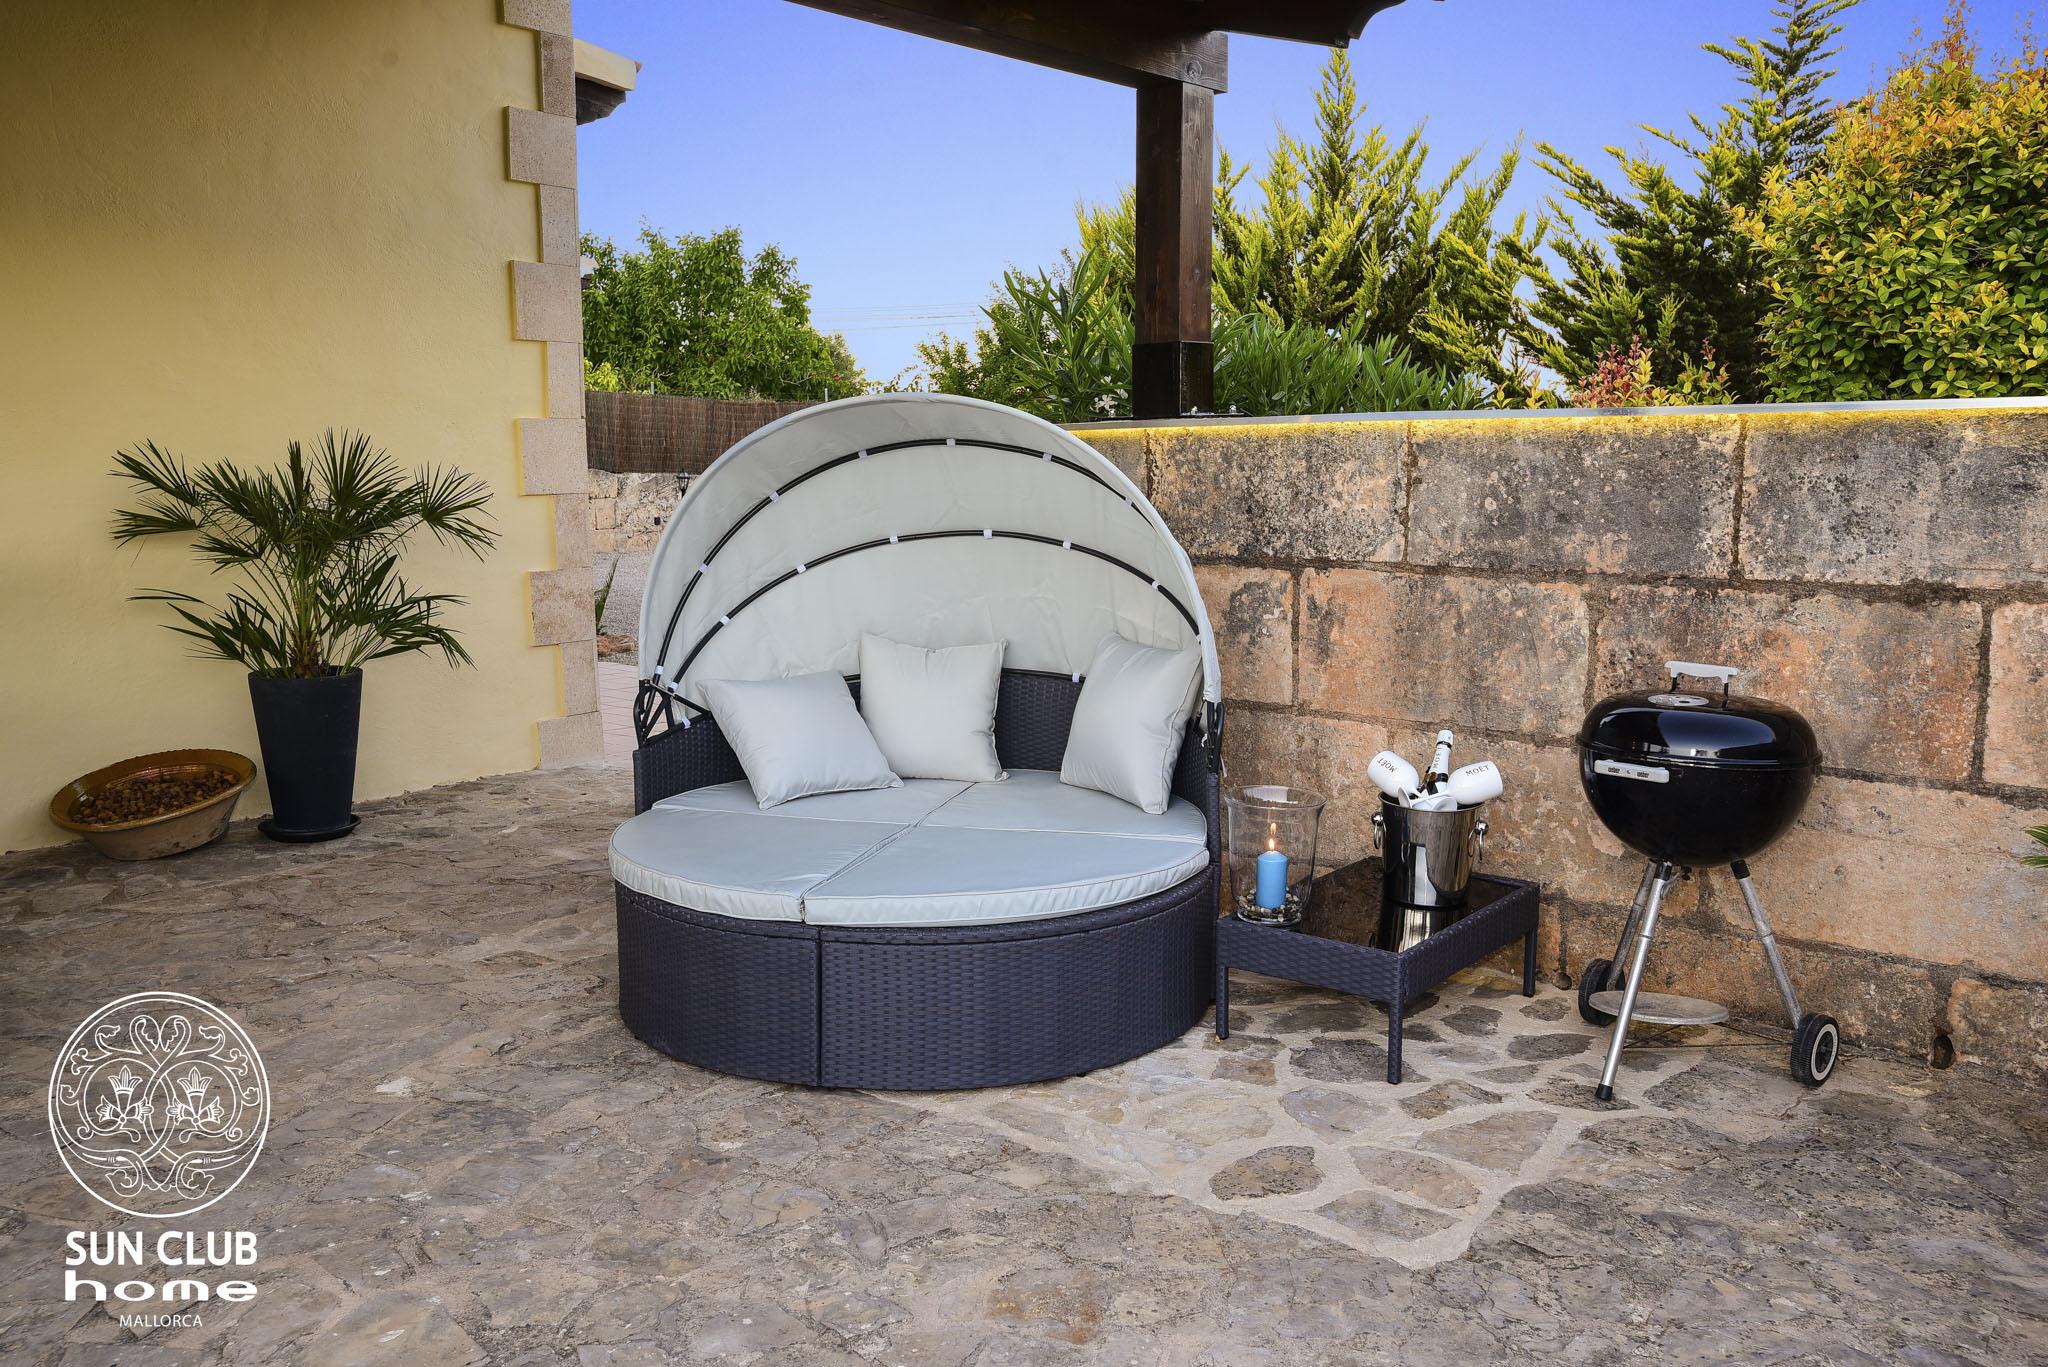 Finca Sun Club Home | Llucmajor | Mallorca